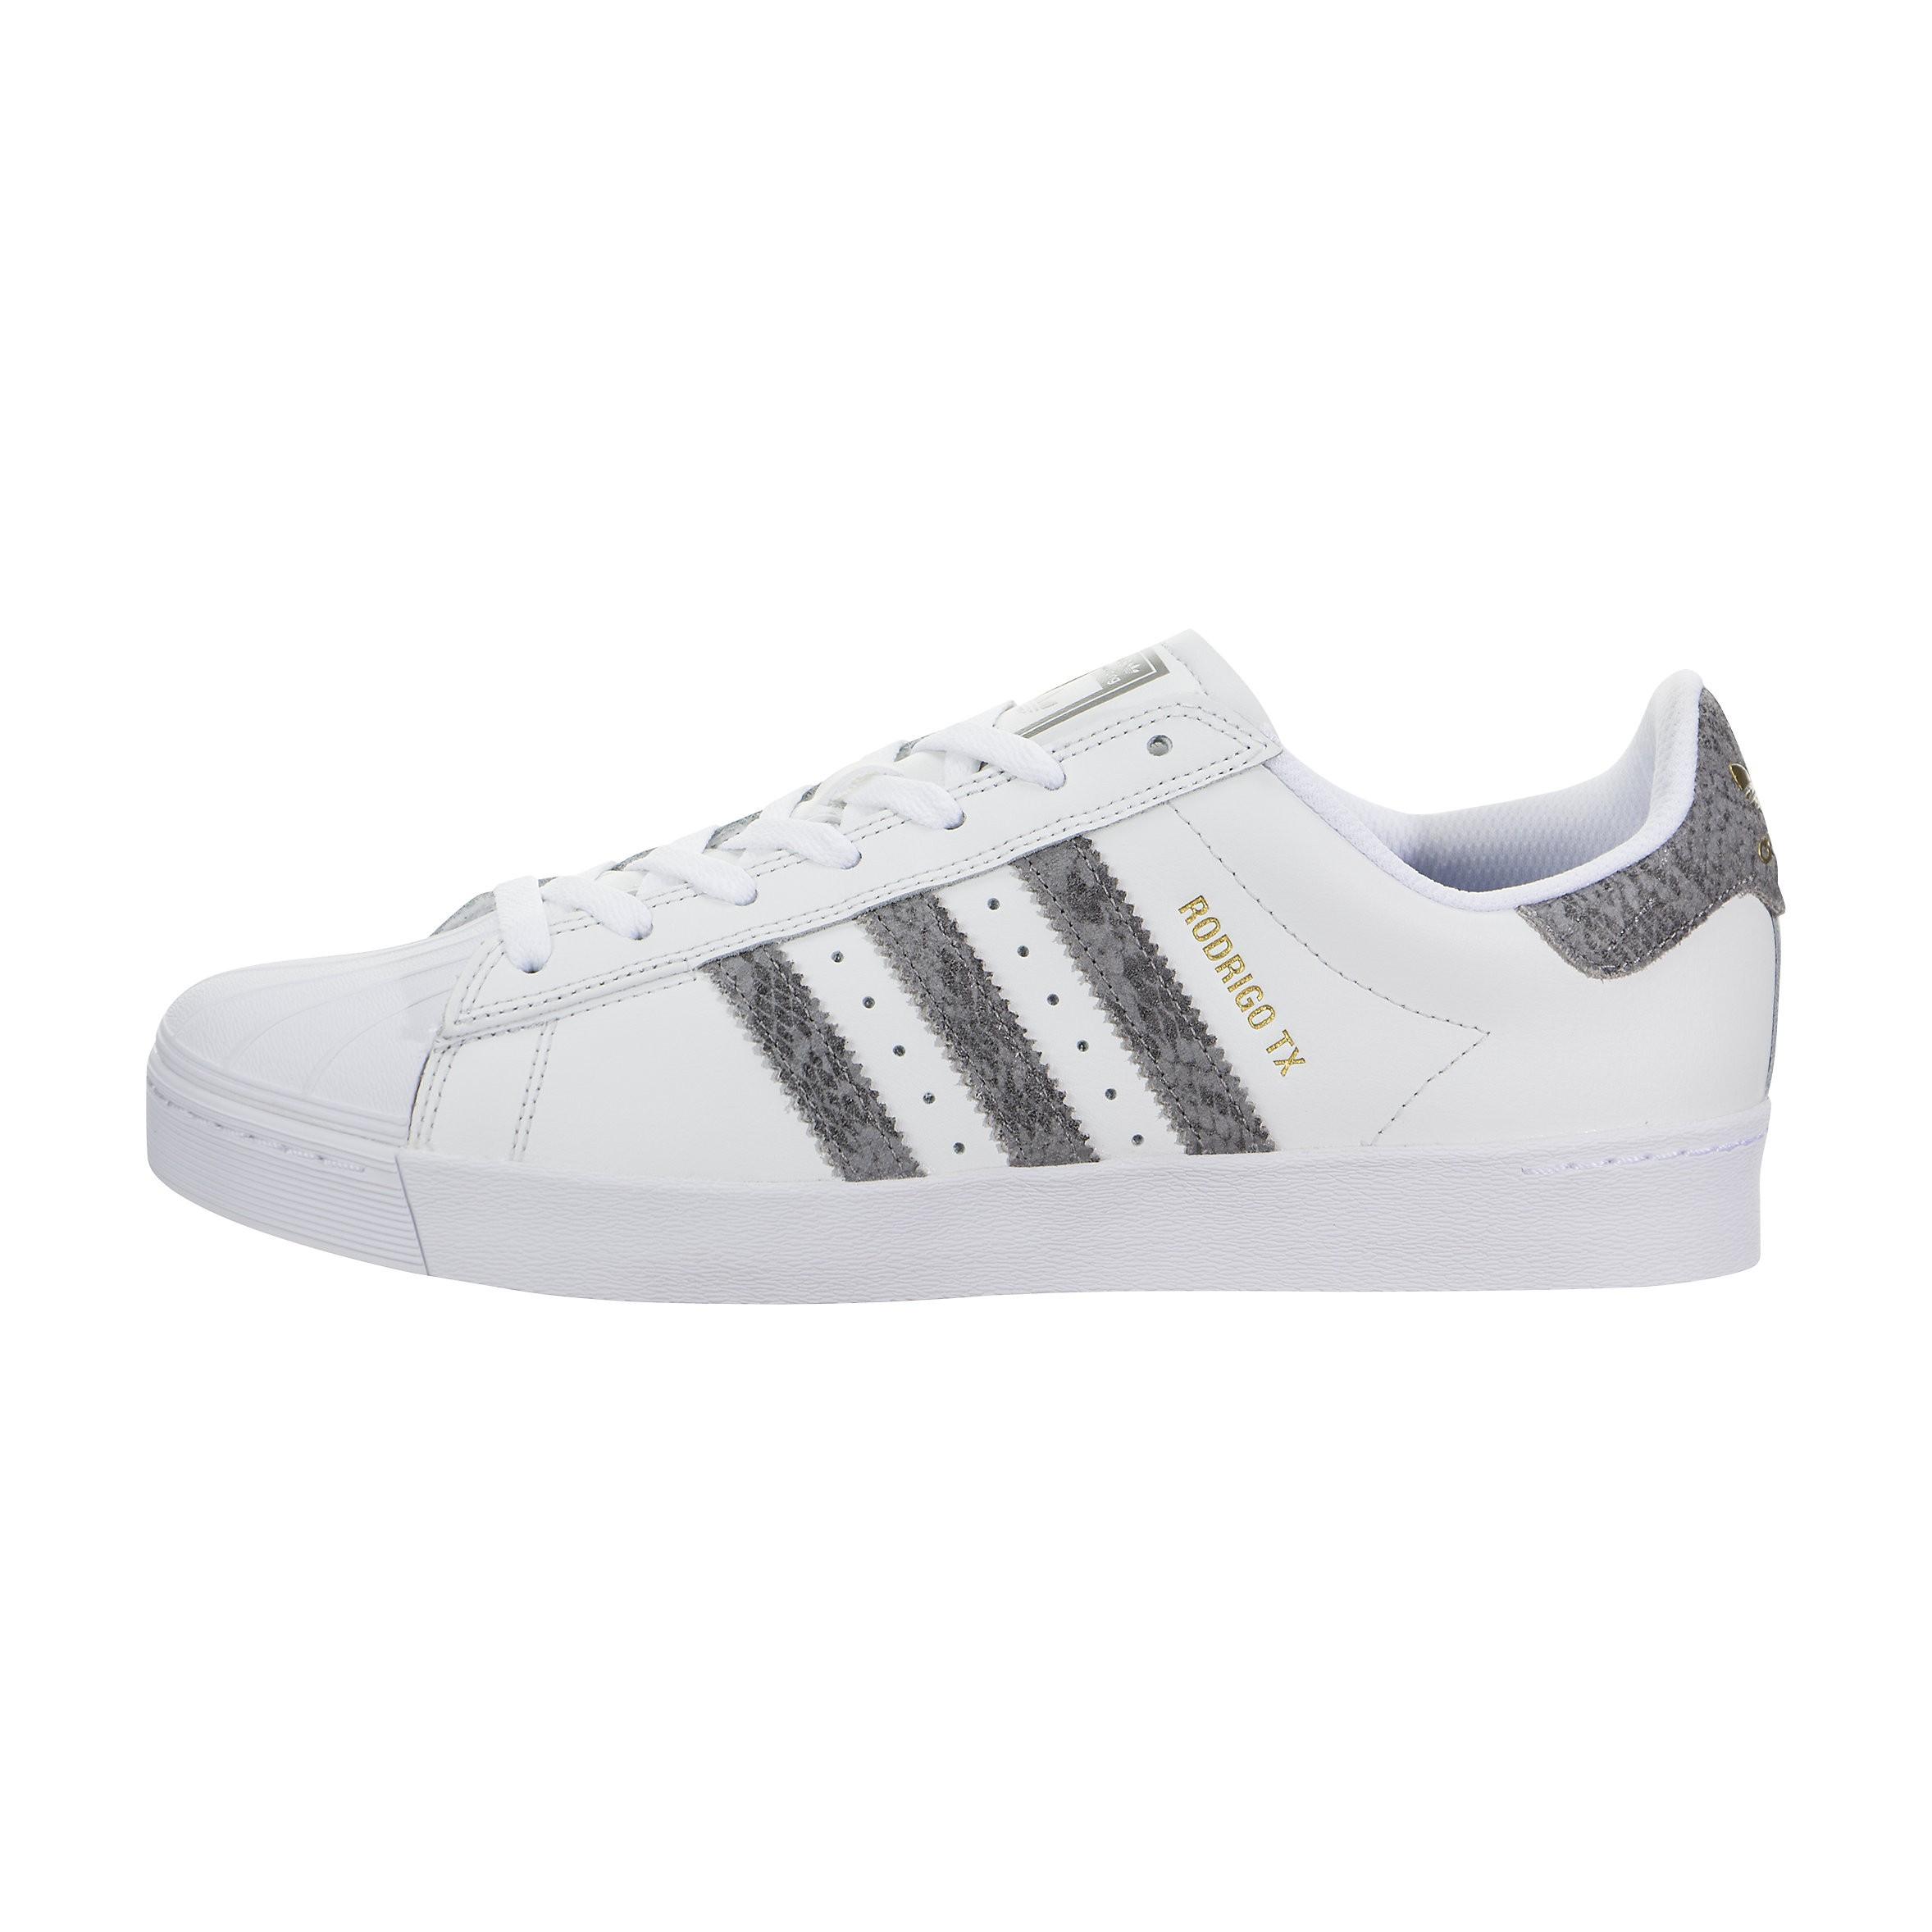 Hombre Adidas Superstar Vulc ADV Blancas Grises Gum Sole Rodrigo TX BB9067